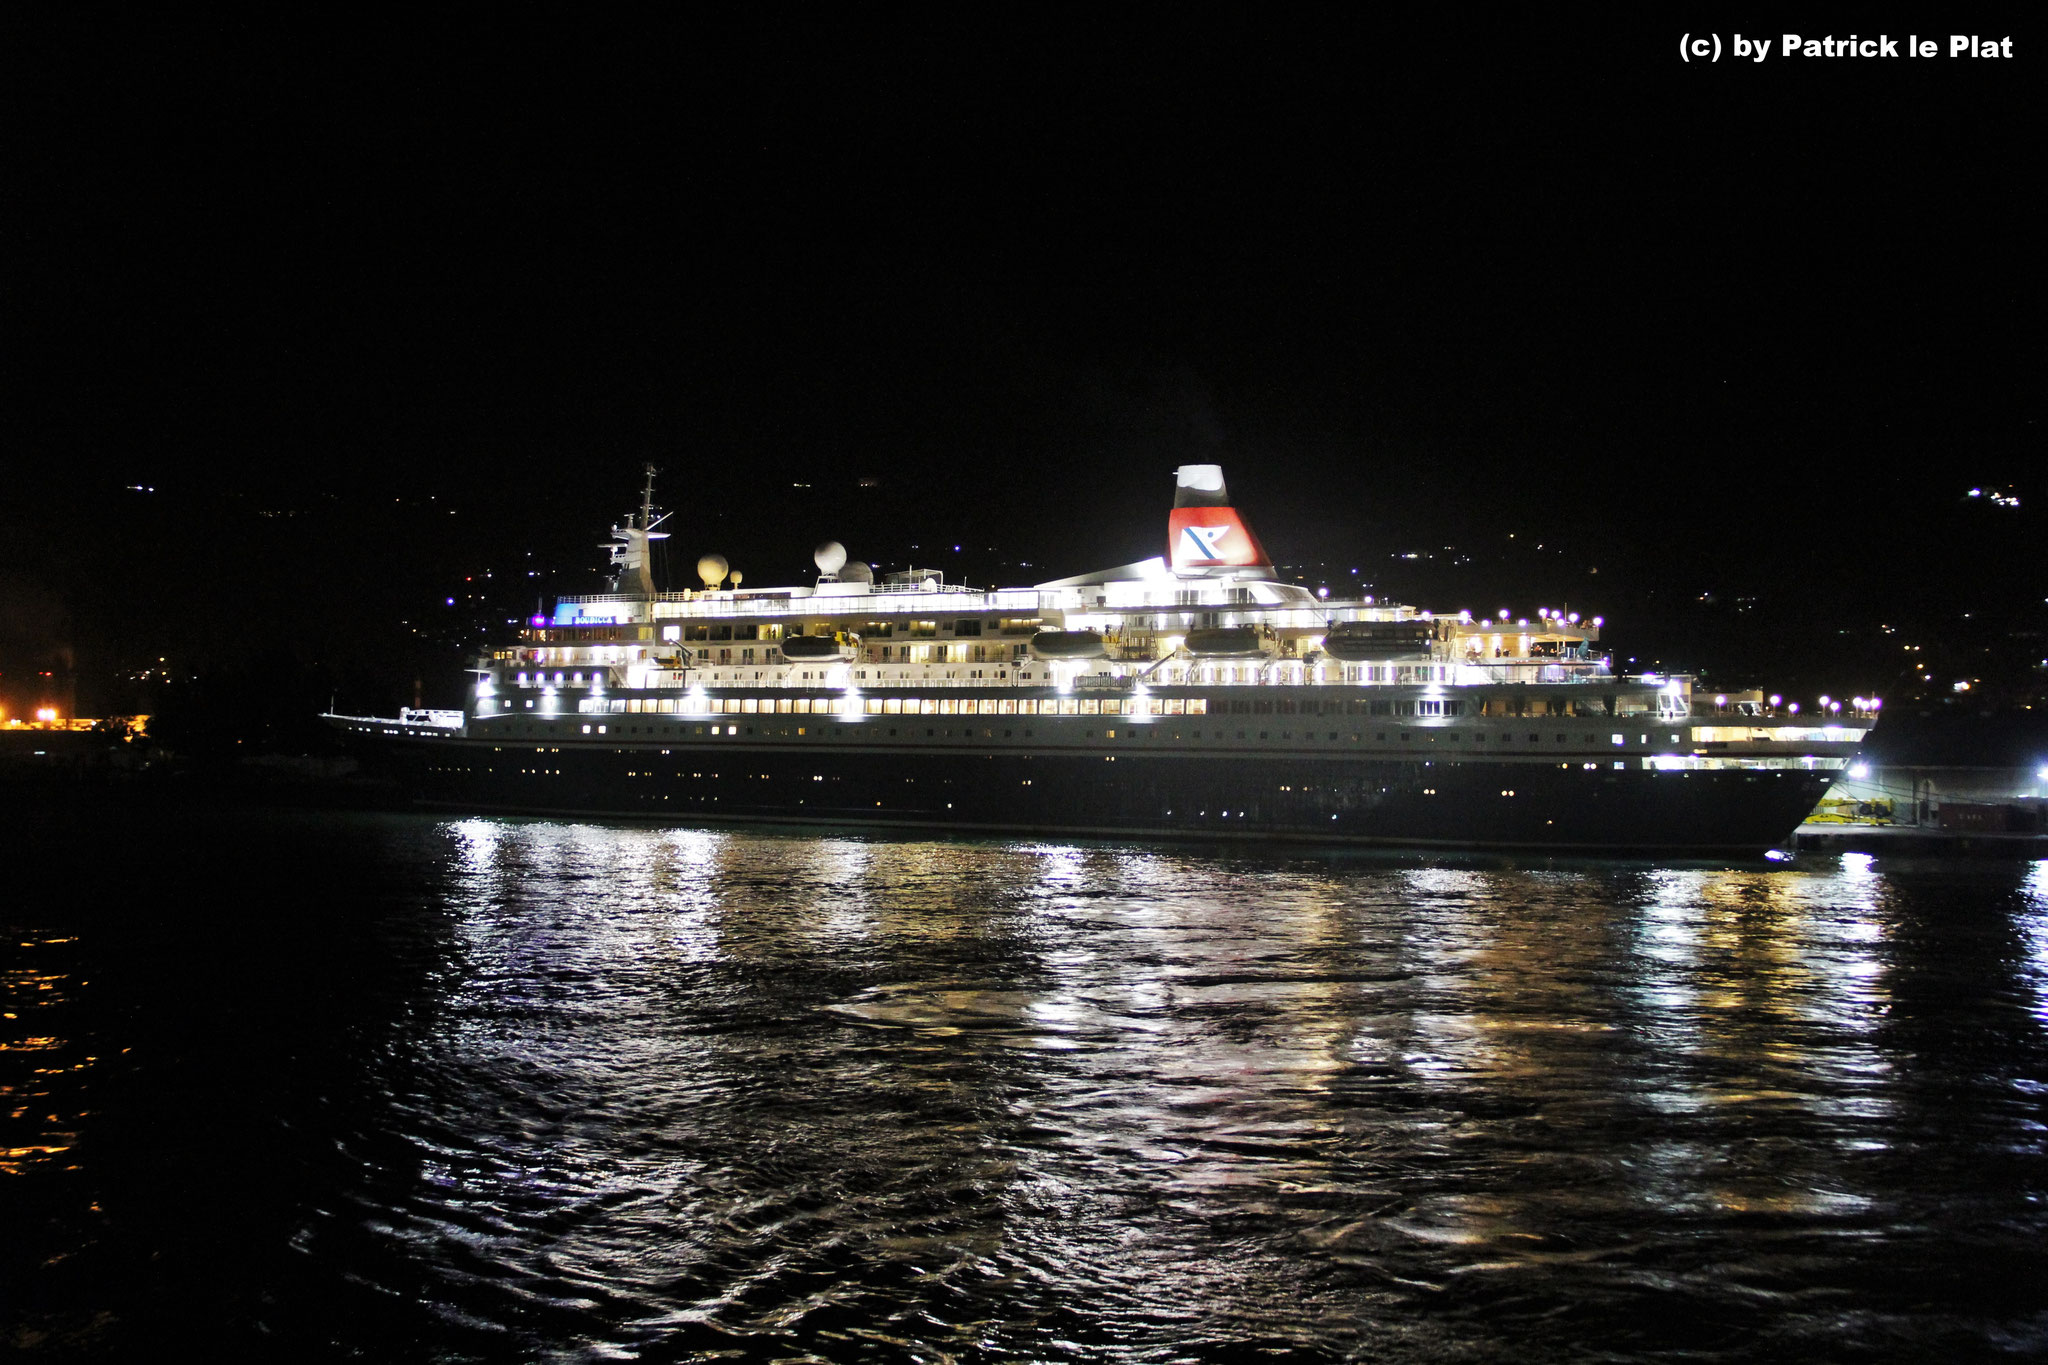 06. Dezember 2017 in Port Victoria (Seychellen)